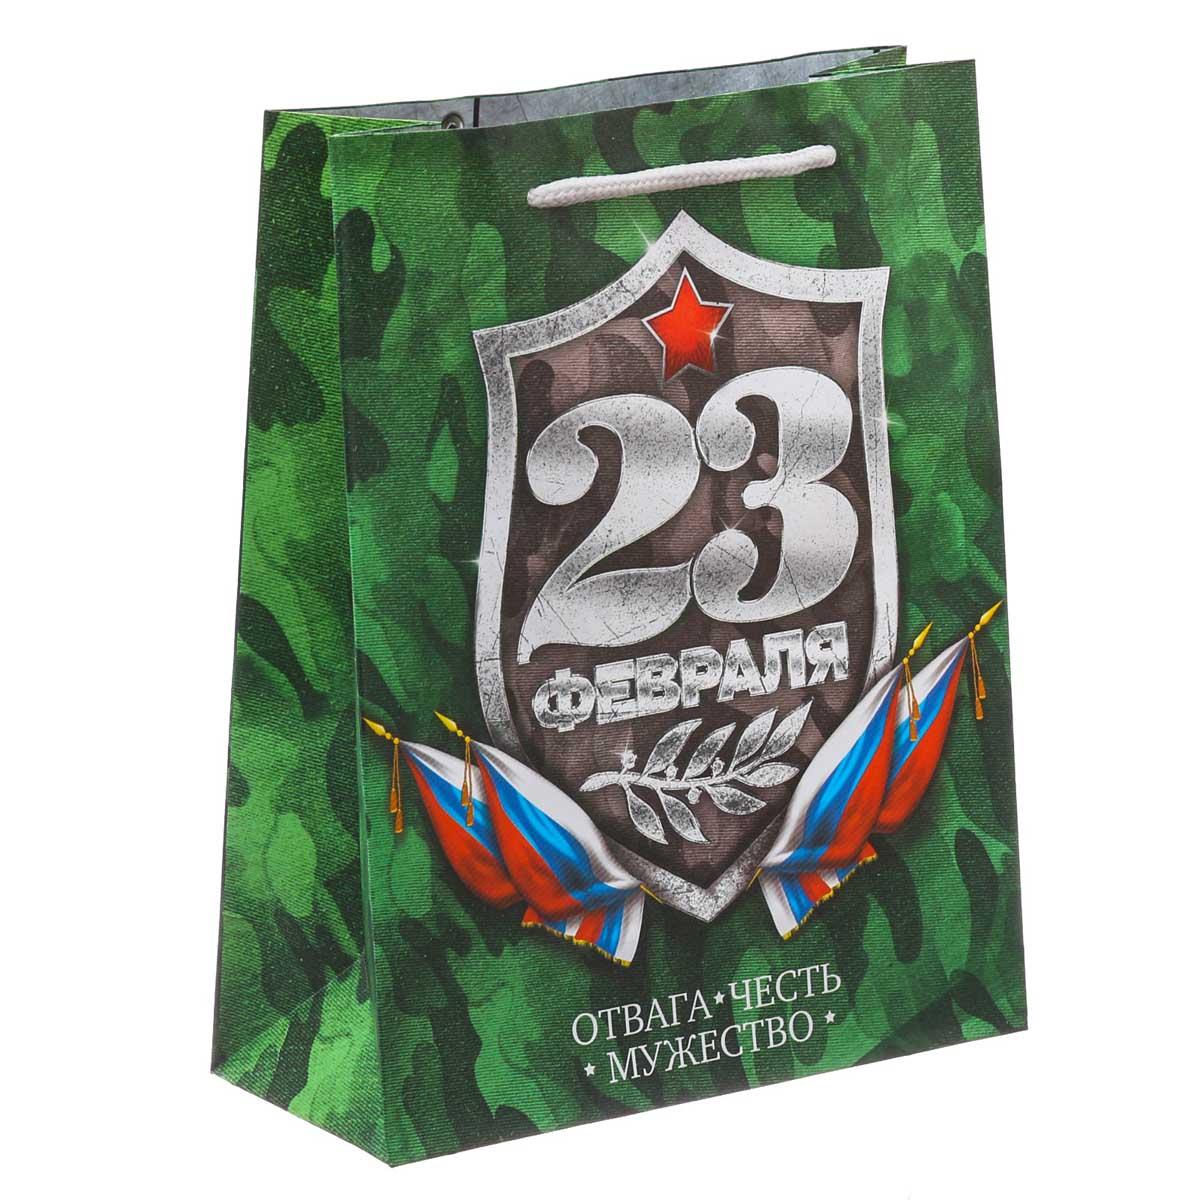 3639744 Пакет ламинированный вертикальный «Настоящему герою», 23*27*8 см